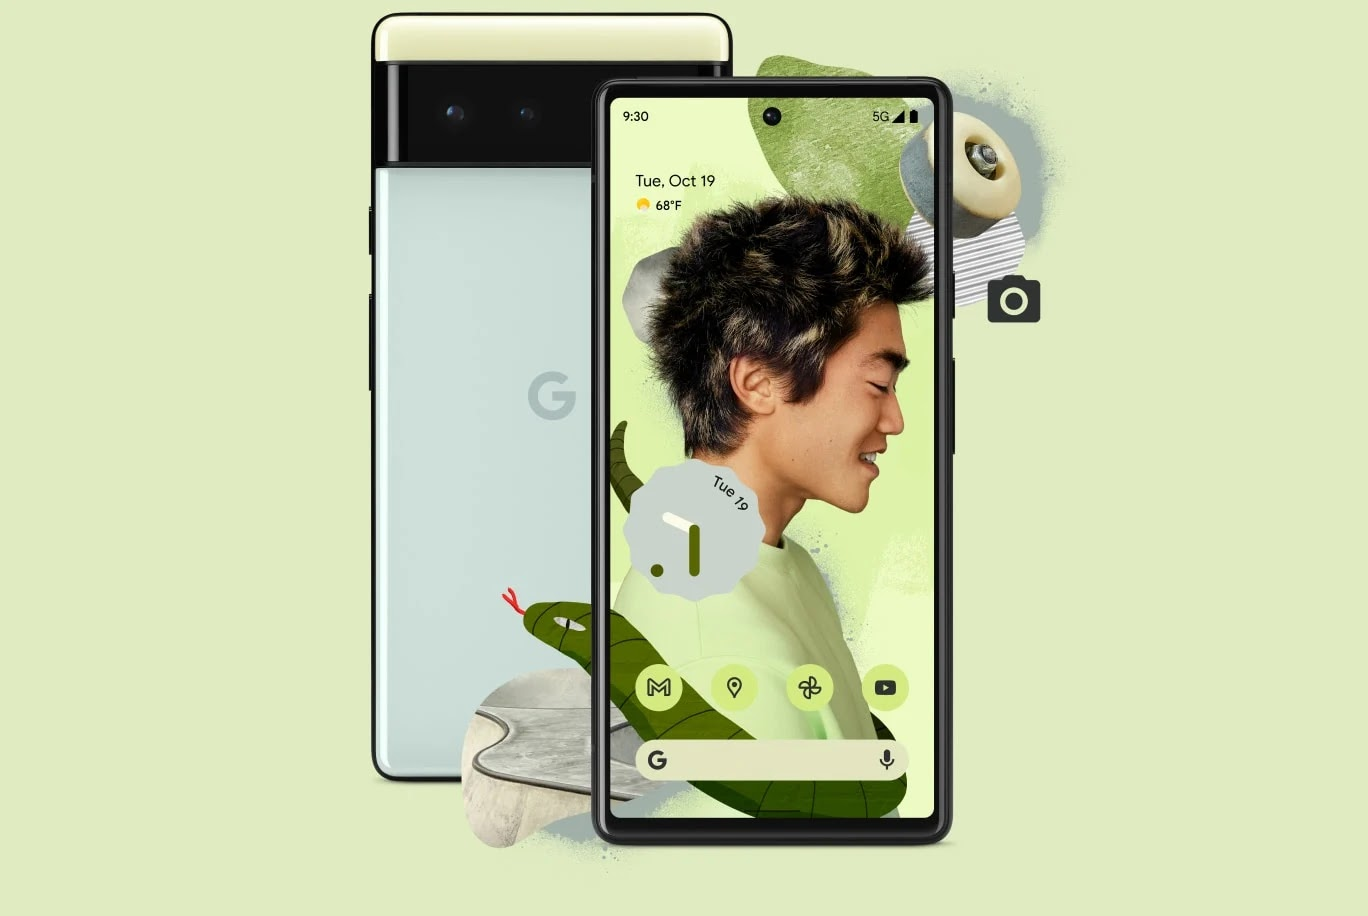 Harga Google Pixel 6 dan 6 Pro - Google Tensor dengan Tri-Kamera 50mp